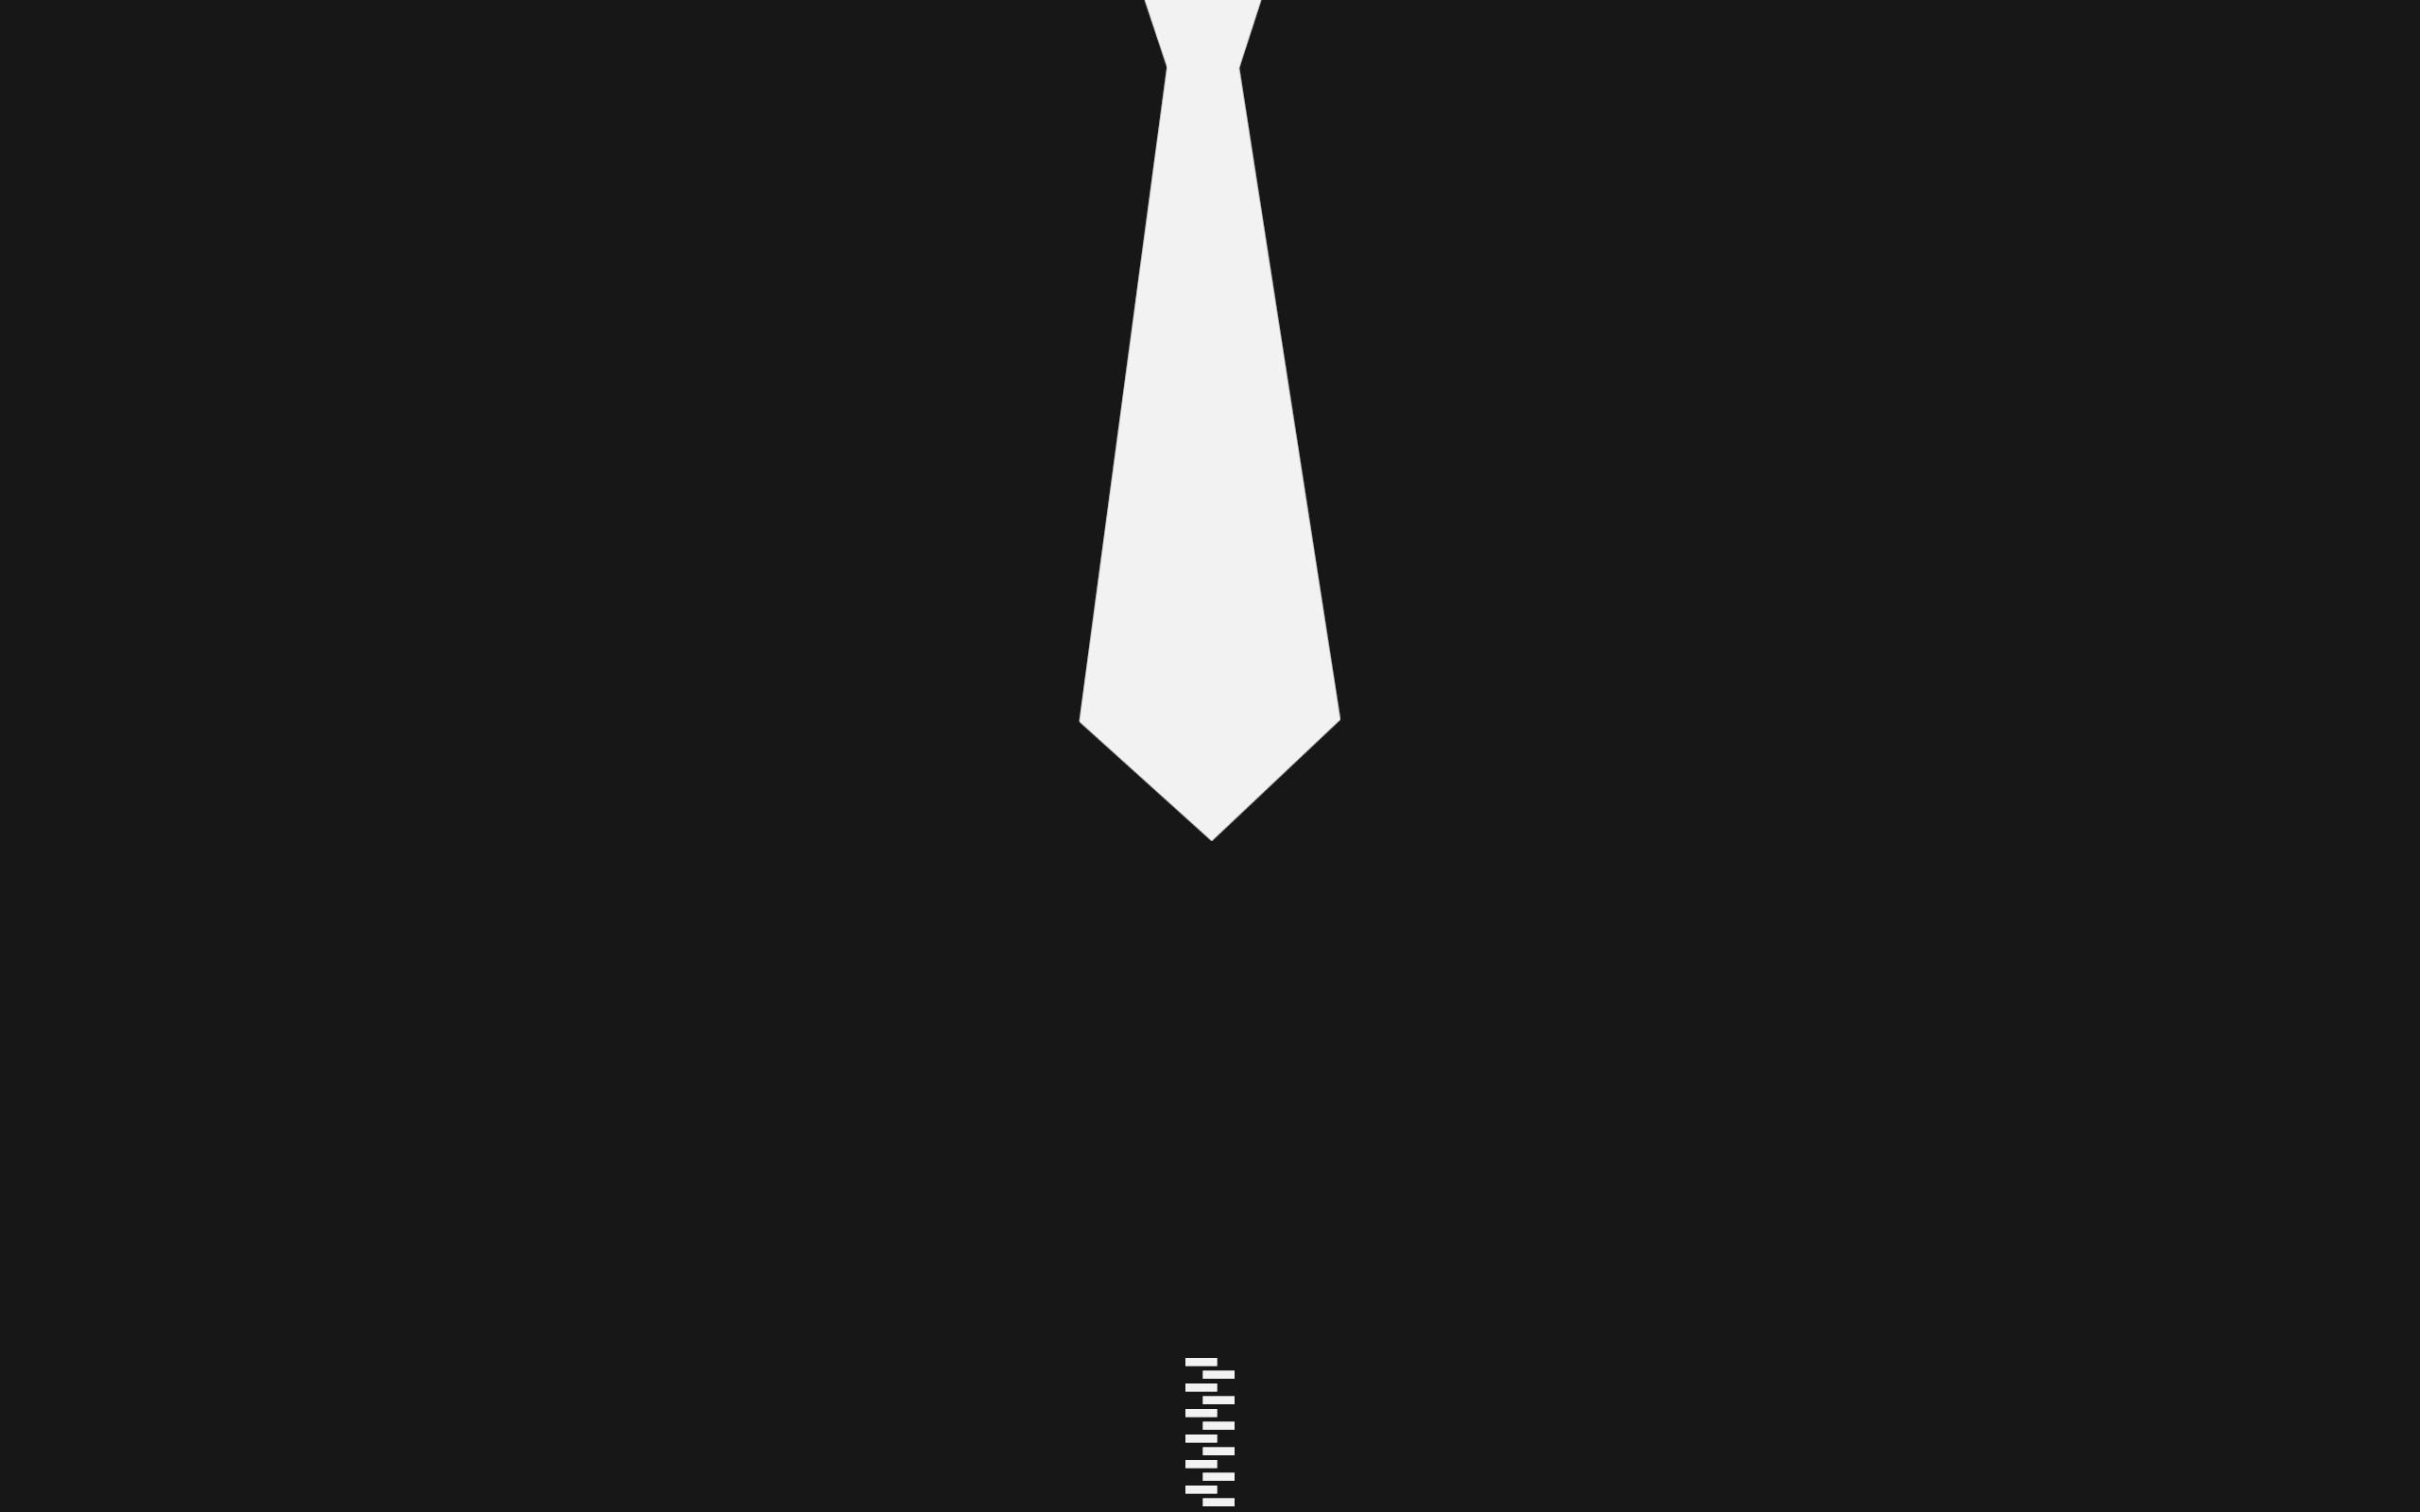 elegant tie vector desktop hd wallpapers